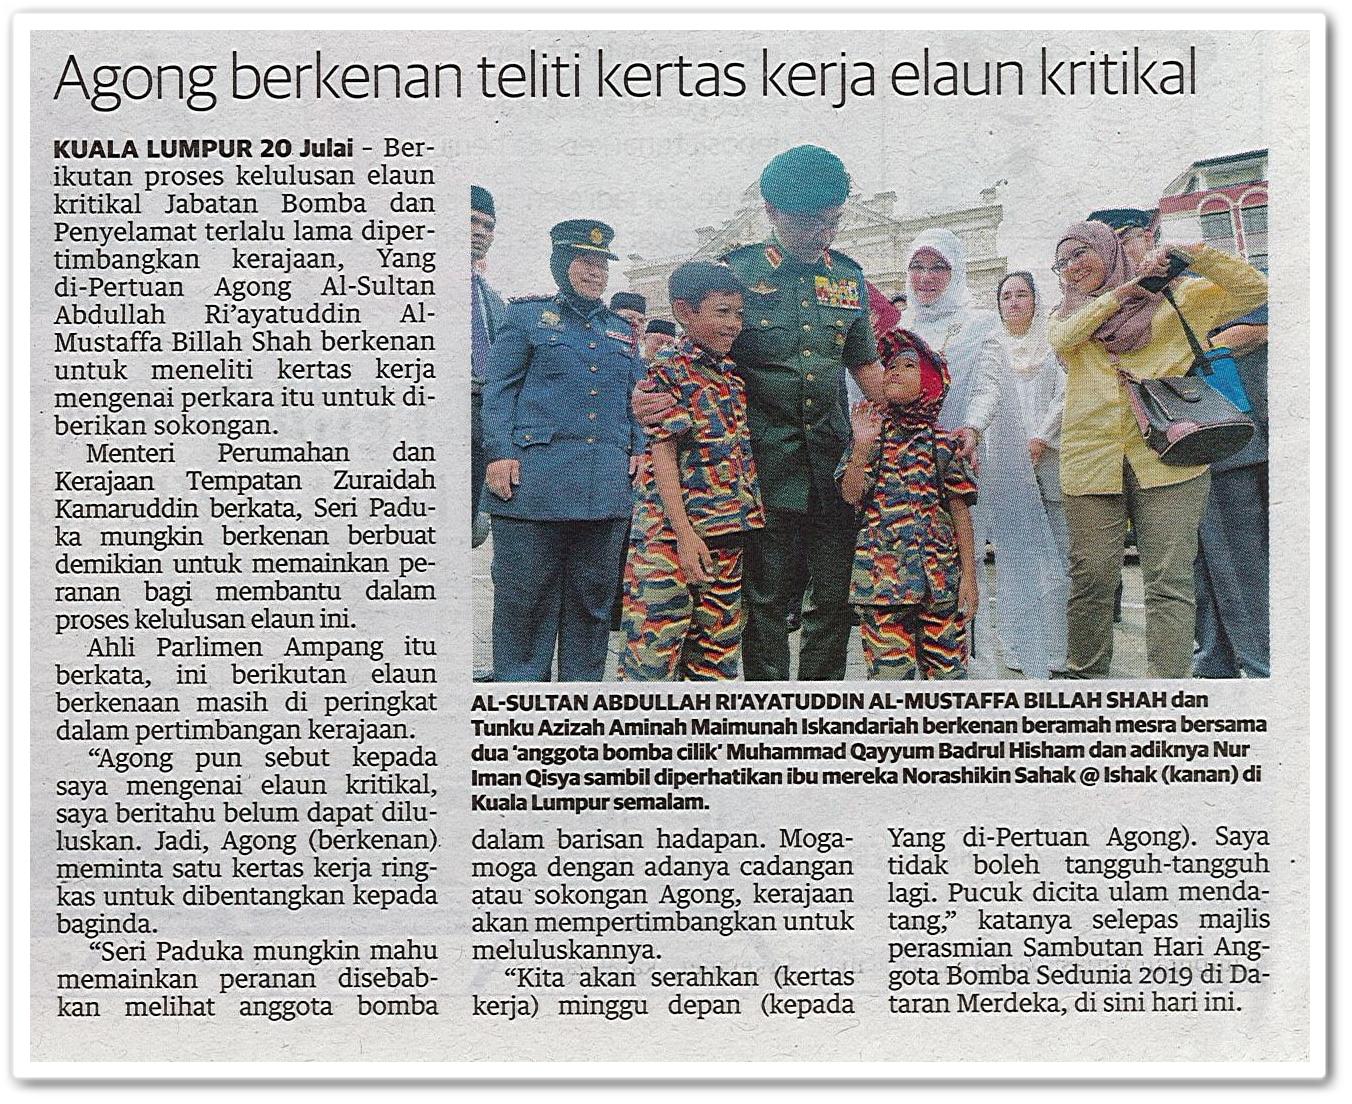 Agong berkenan teliti kertas kerja elaun kritikal - Keratan akhbar Mingguan Malaysia 21 Julai 2019